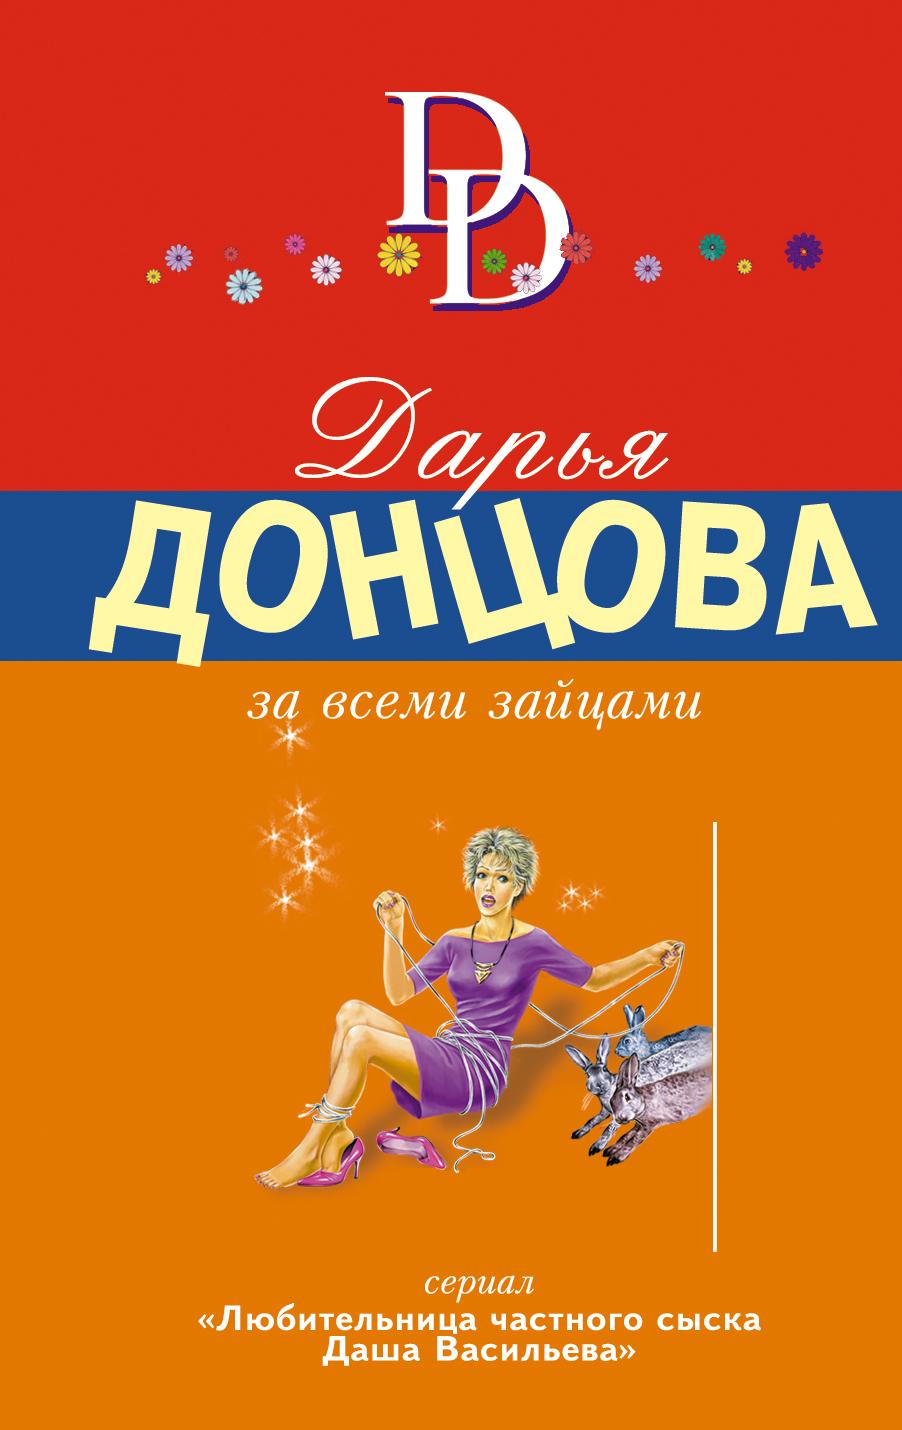 Читать онлайн - Донцова Дарья. Подарок небес Электронная библиотека 38